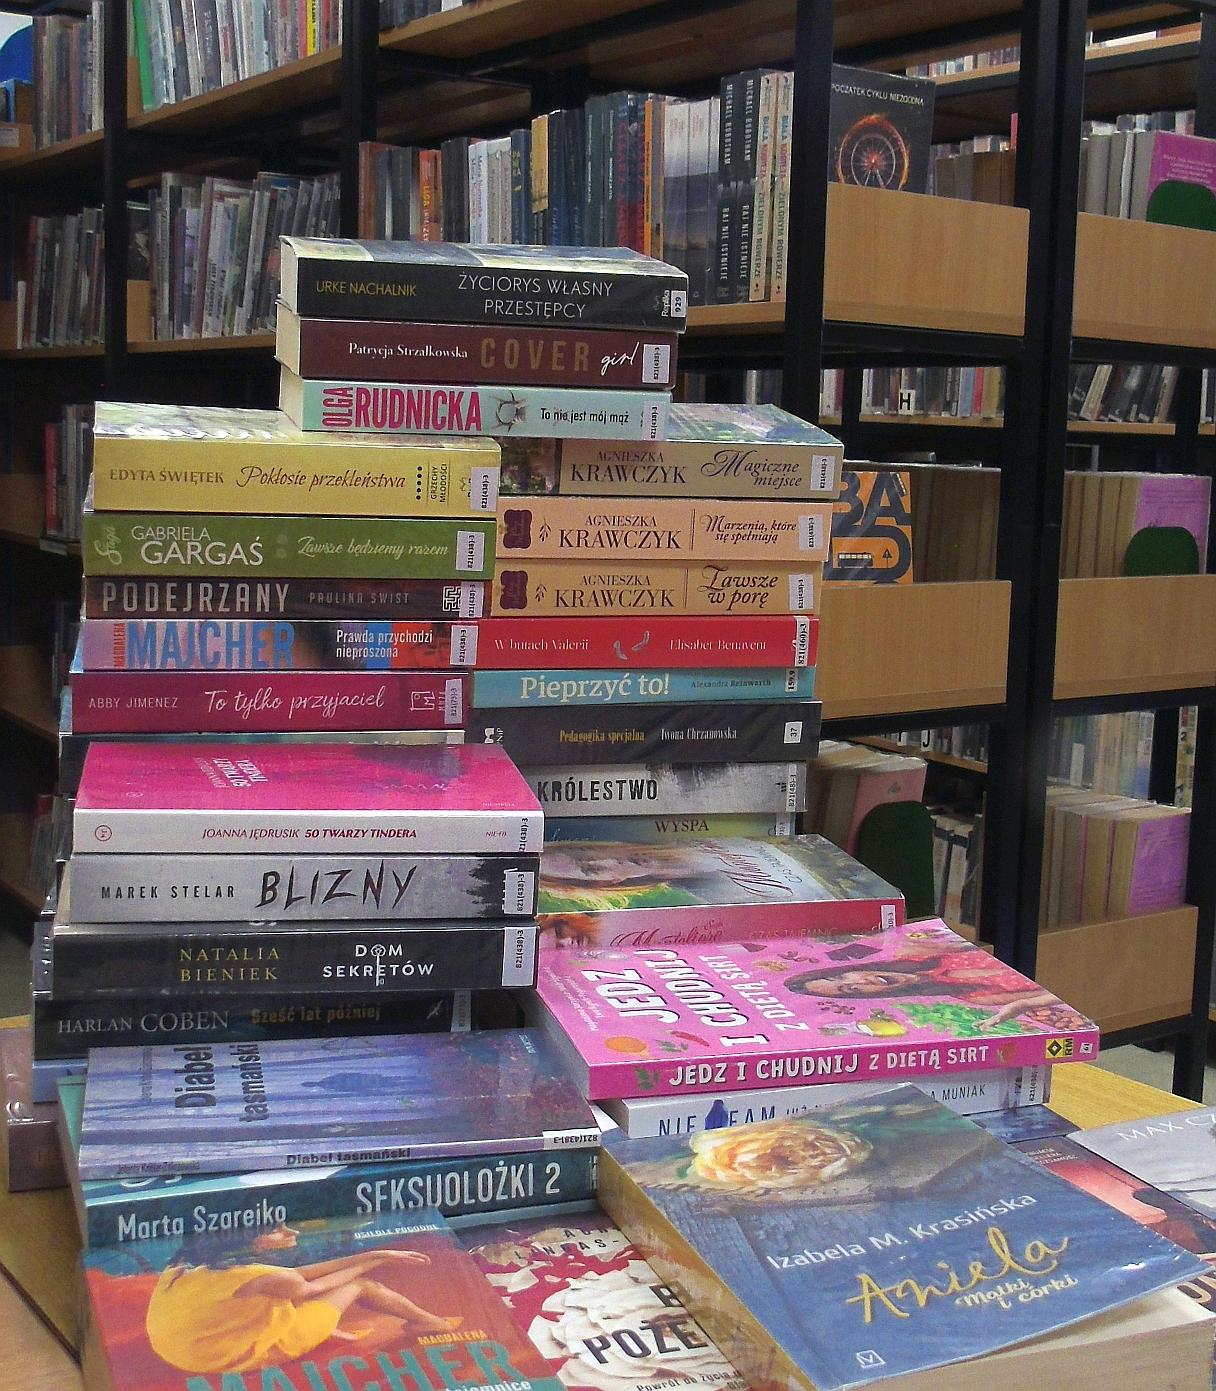 Biblioteka znowu otwarta i zaprasza na nowości